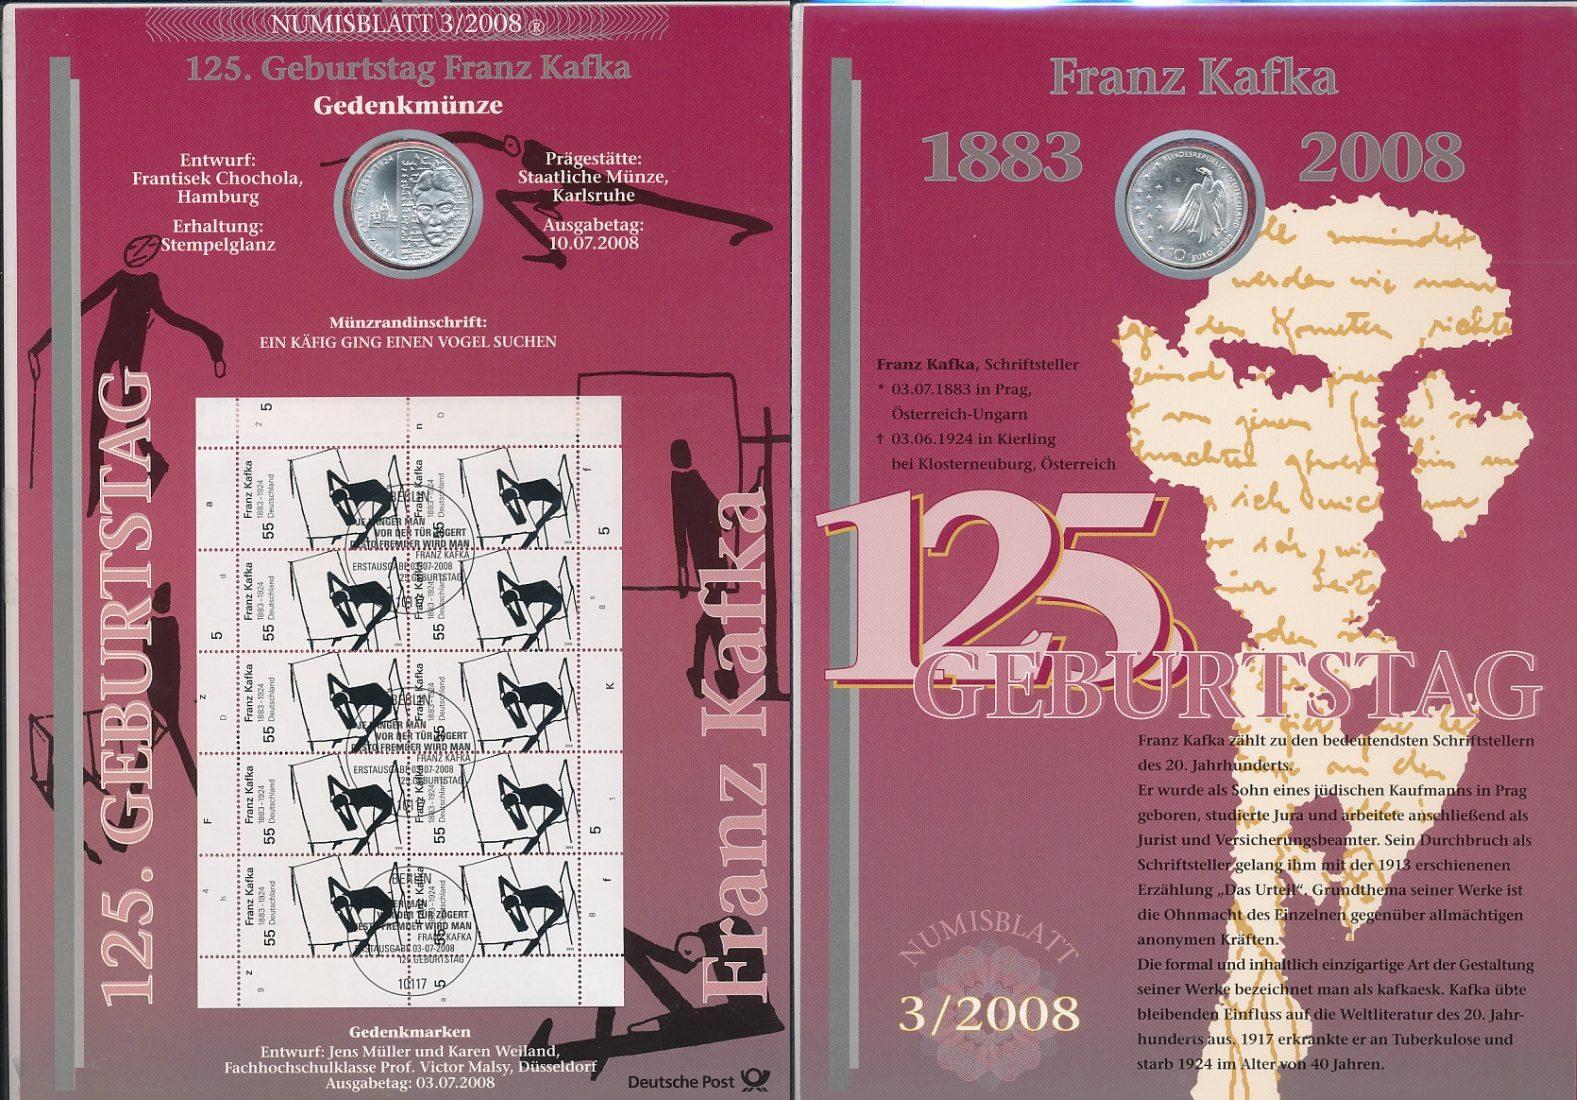 10 Euro Silbermünze im Numisblatt 2008 Bundesrepublik Deutschland FRG Germany Deutschland 10 Euro 2008, 125. Geburtstag franz Kafka german unc. coinsheet